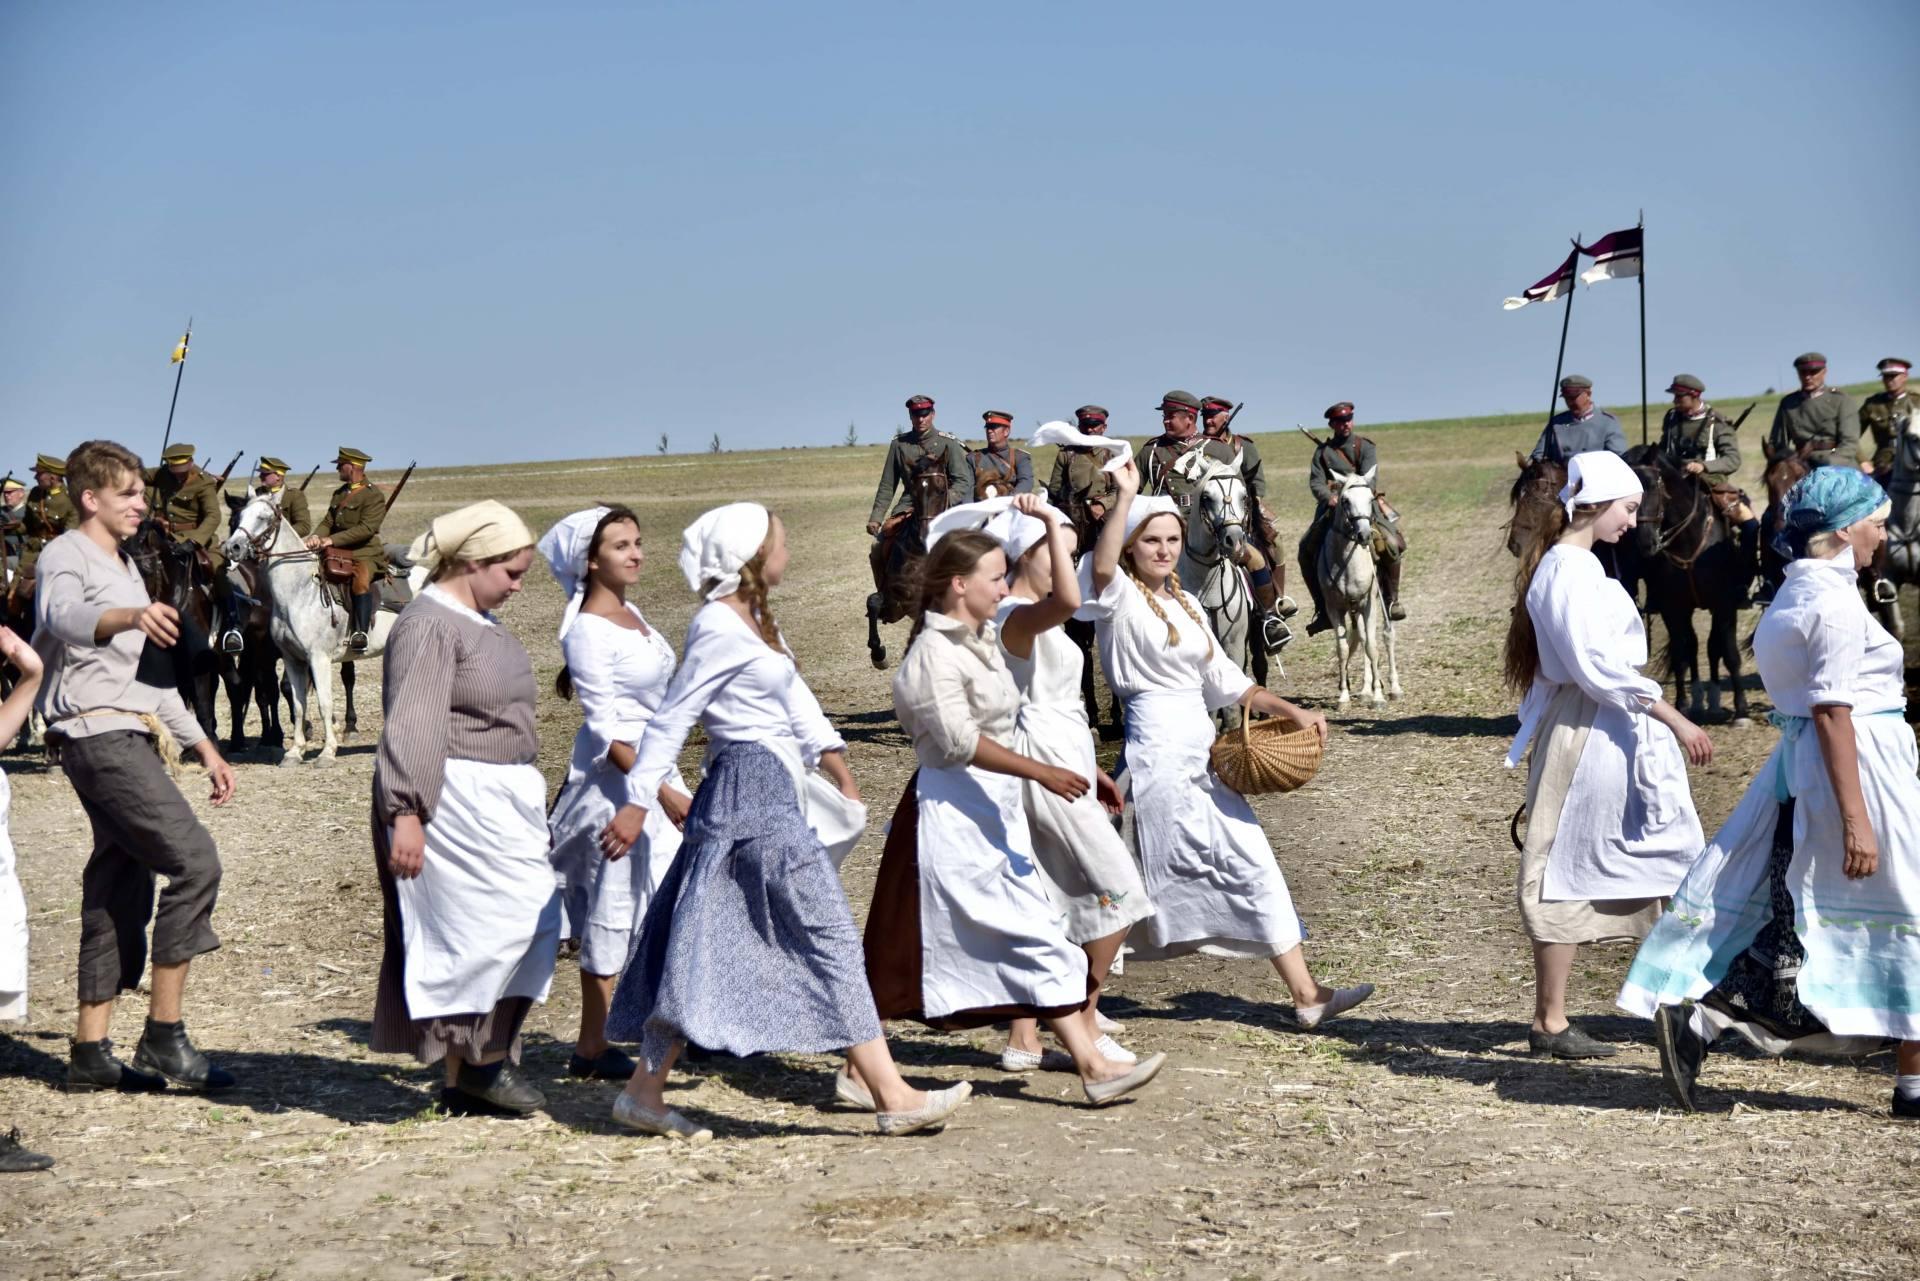 dsc 1167 Czas szabli - 100 rocznica bitwy pod Komarowem(zdjęcia)